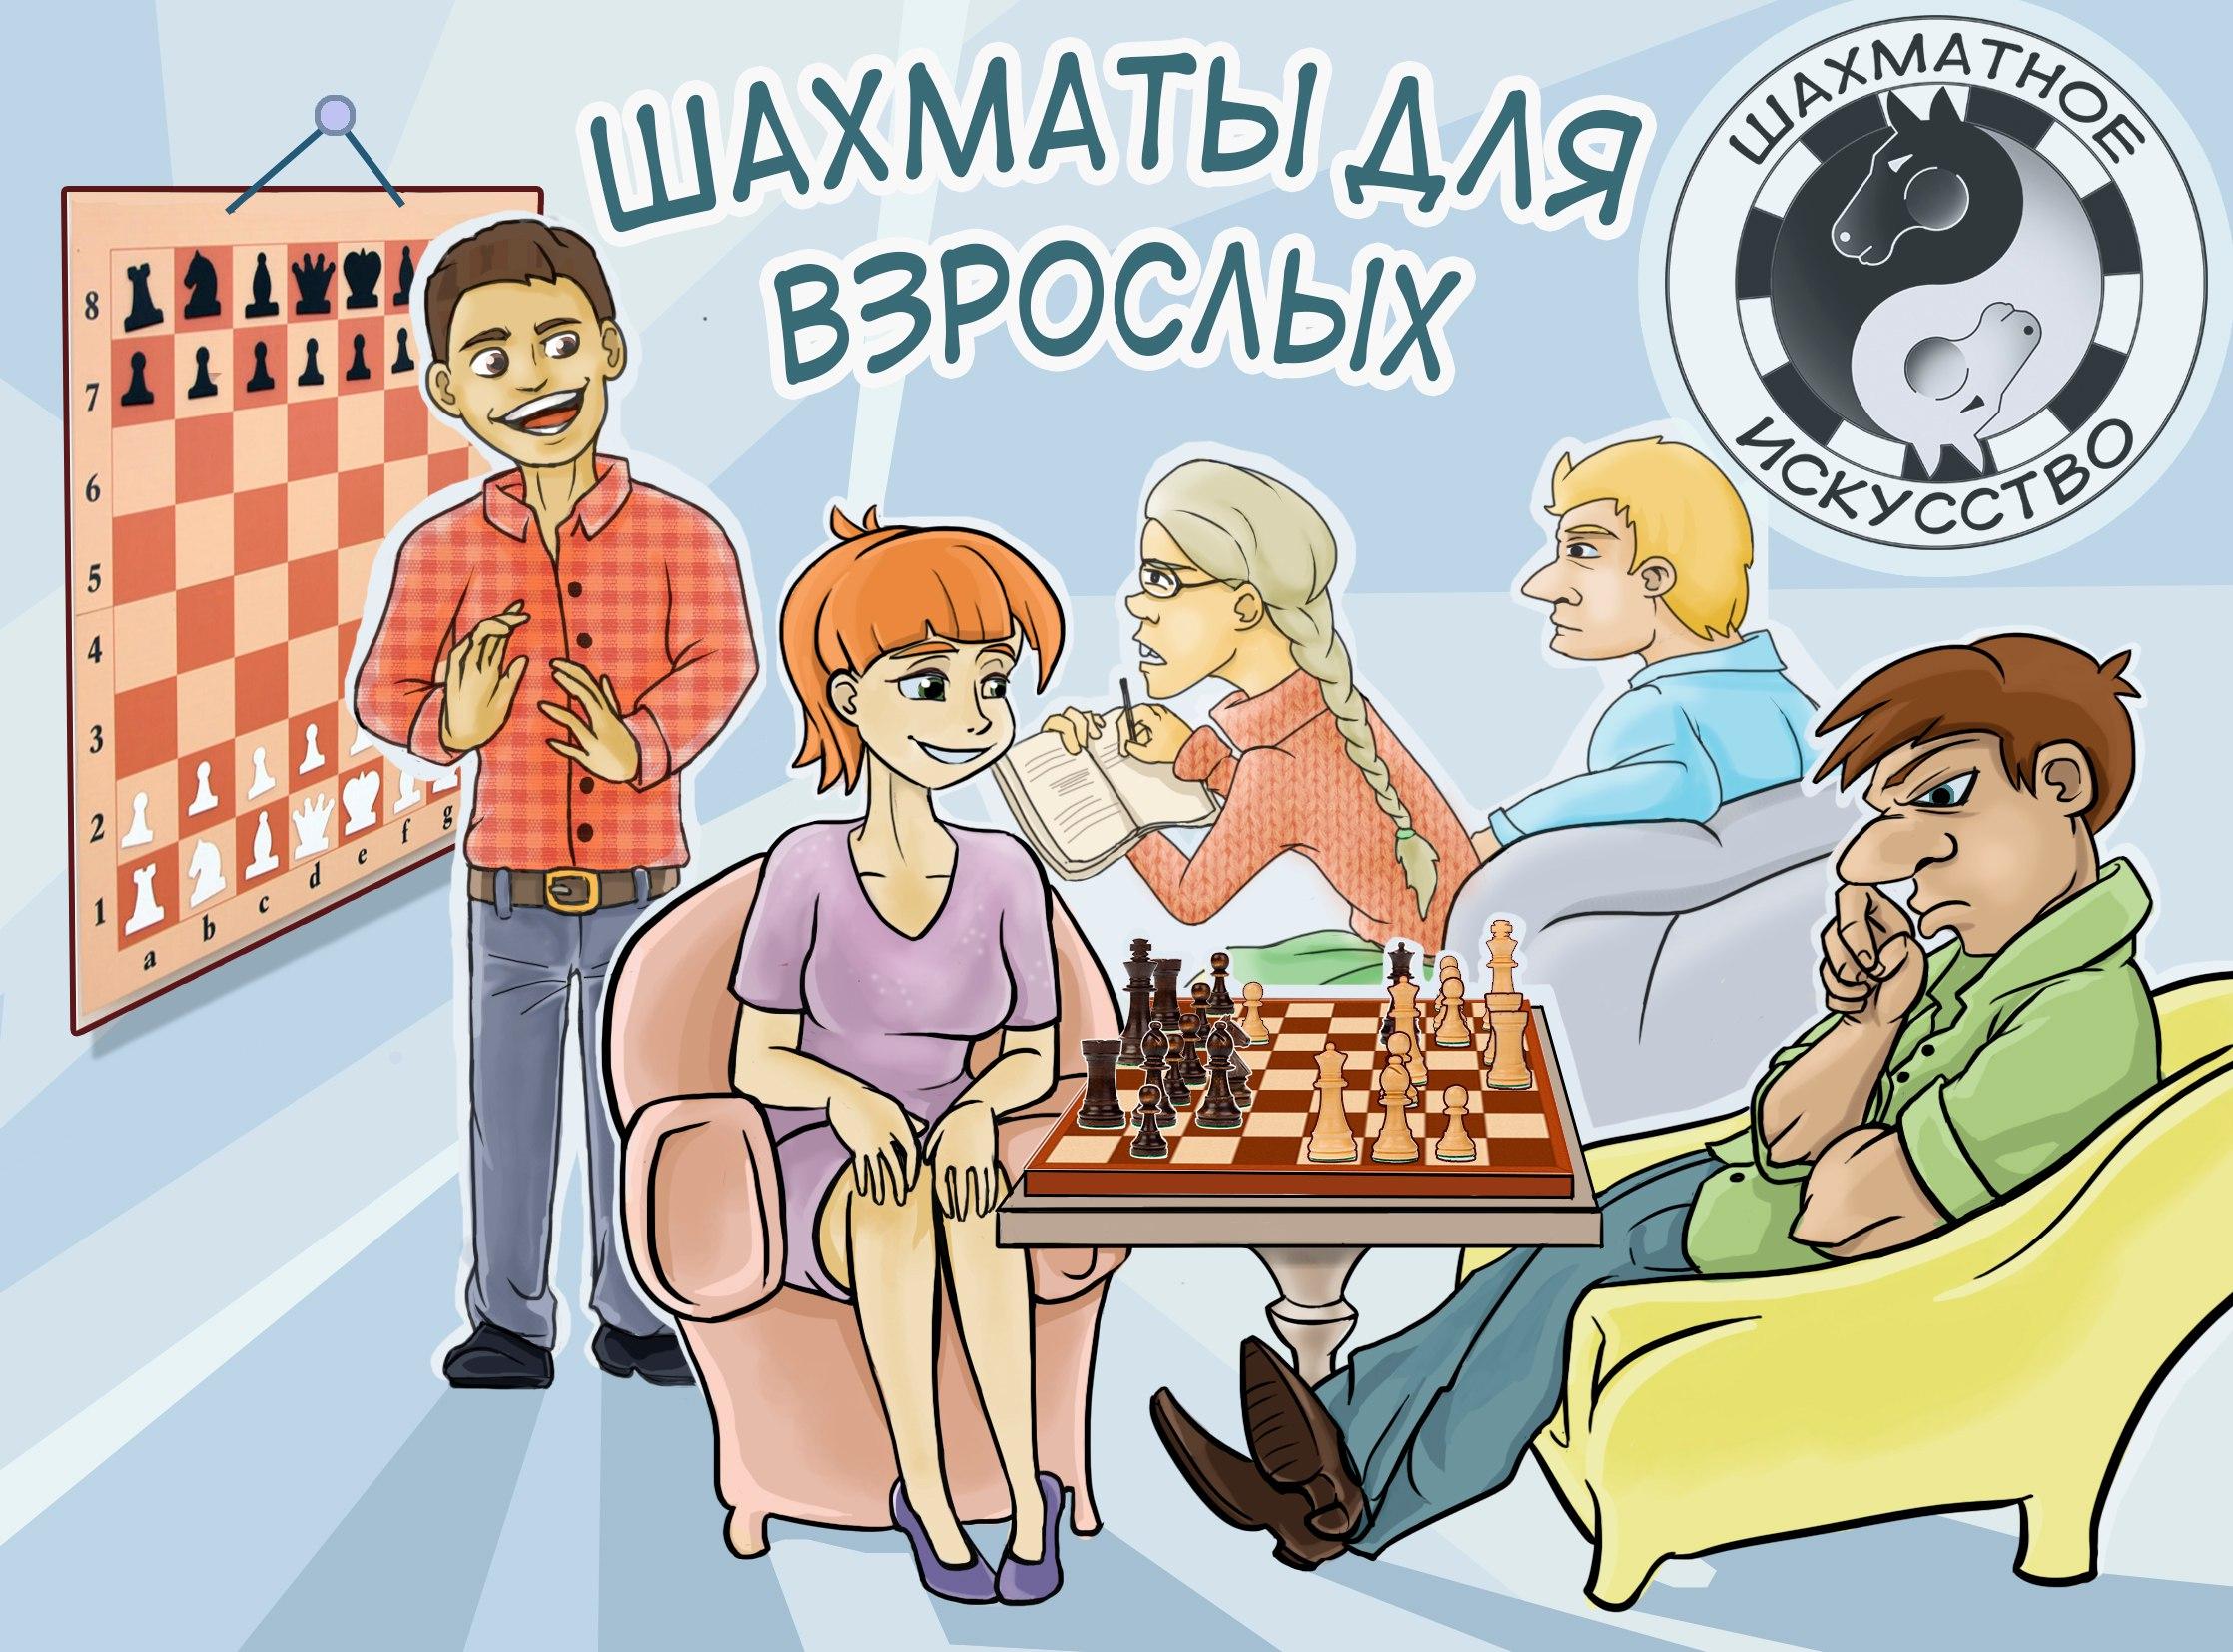 шахматы для взрослых